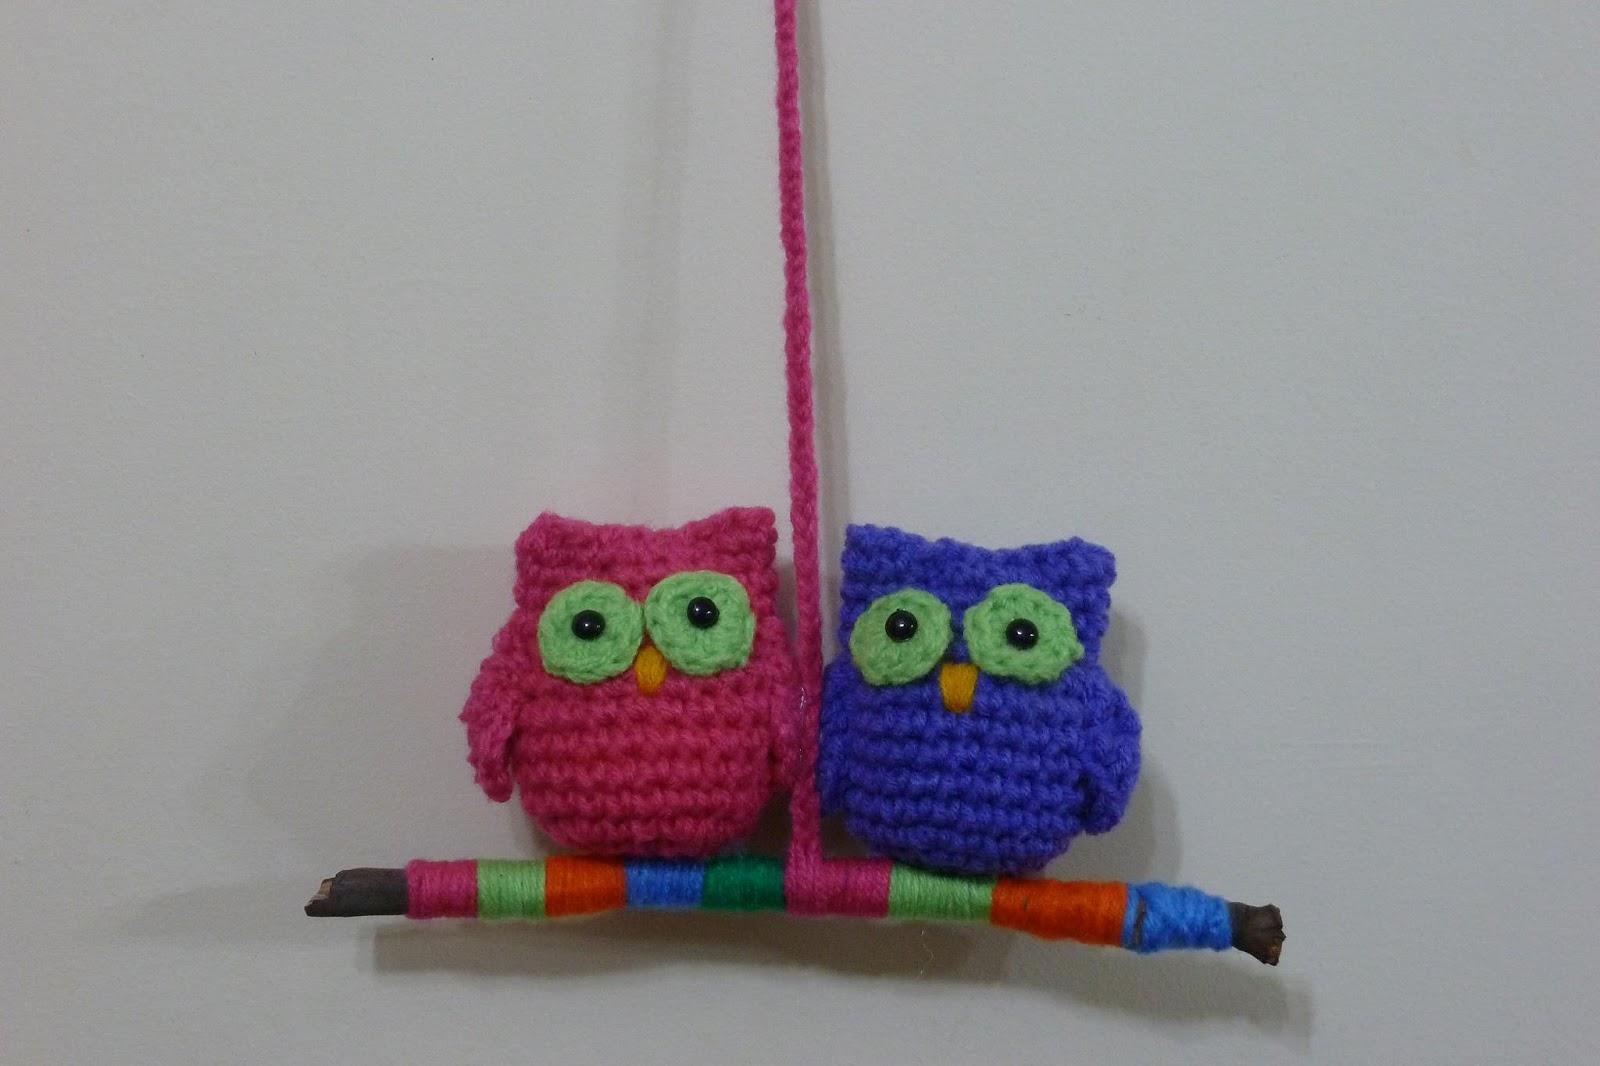 Regalos: cactus y buhos al crochet